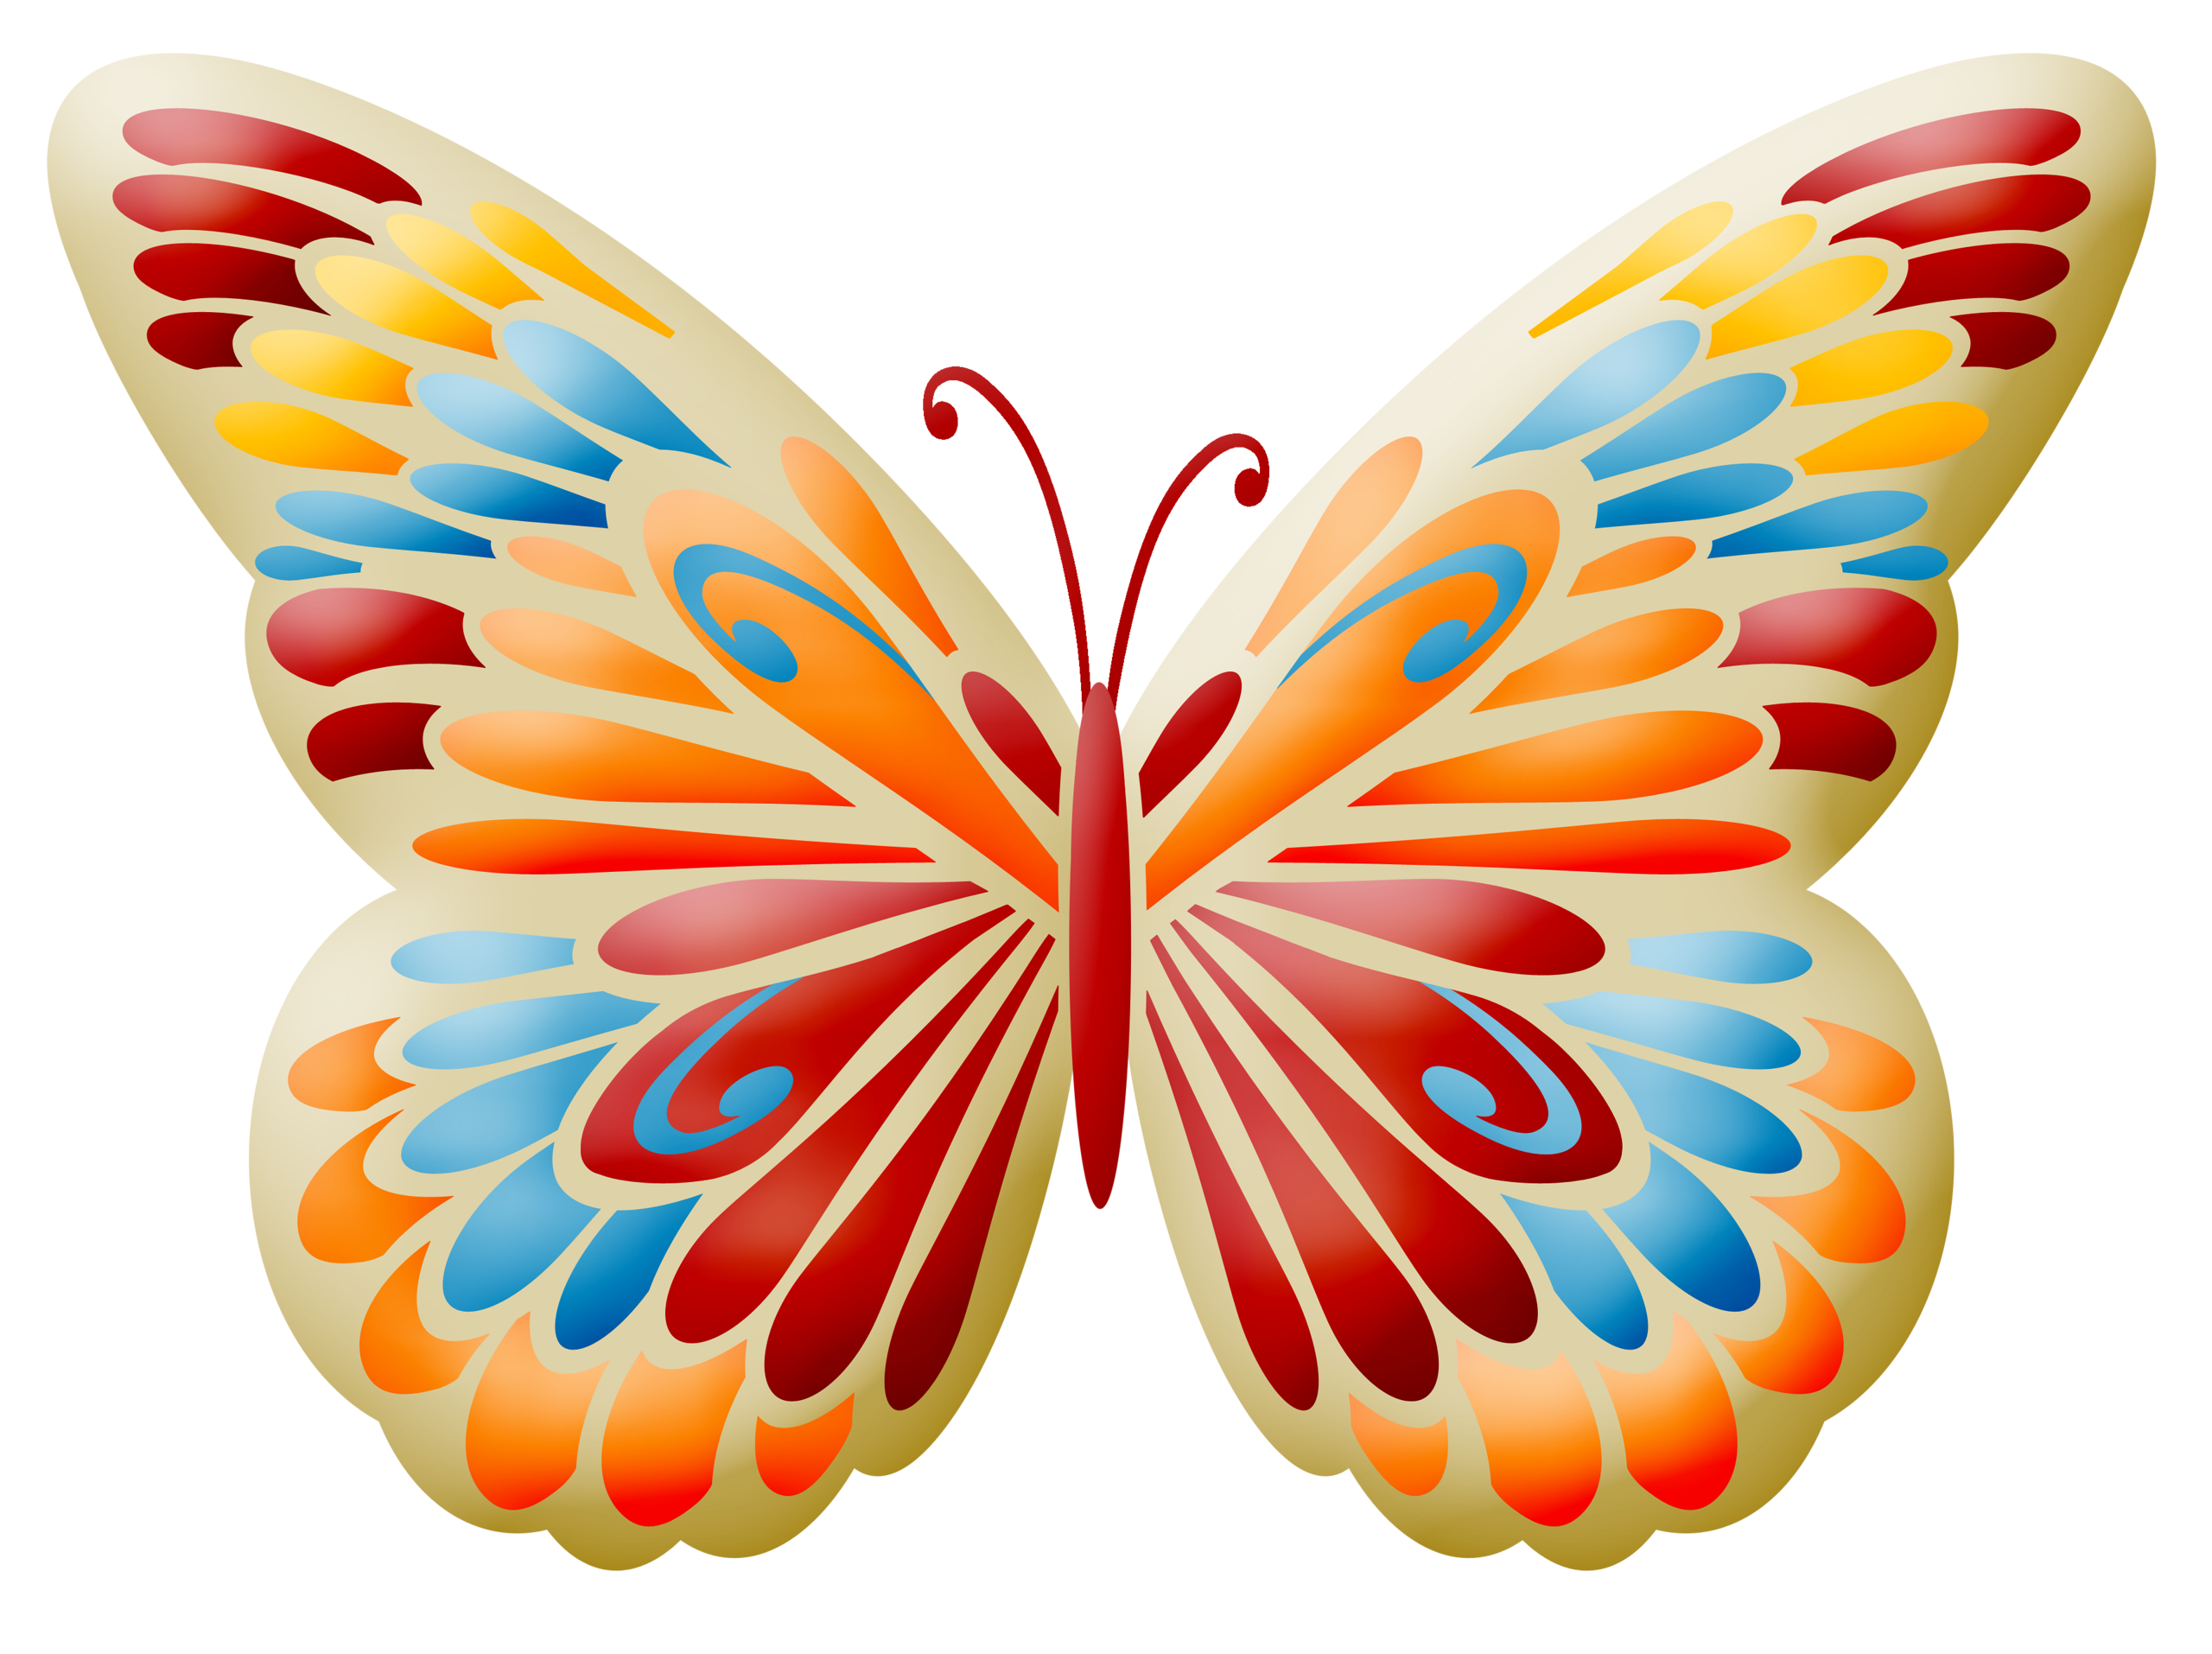 Dibujos De Mariposas Infantiles A Color: Mariposas Infantiles